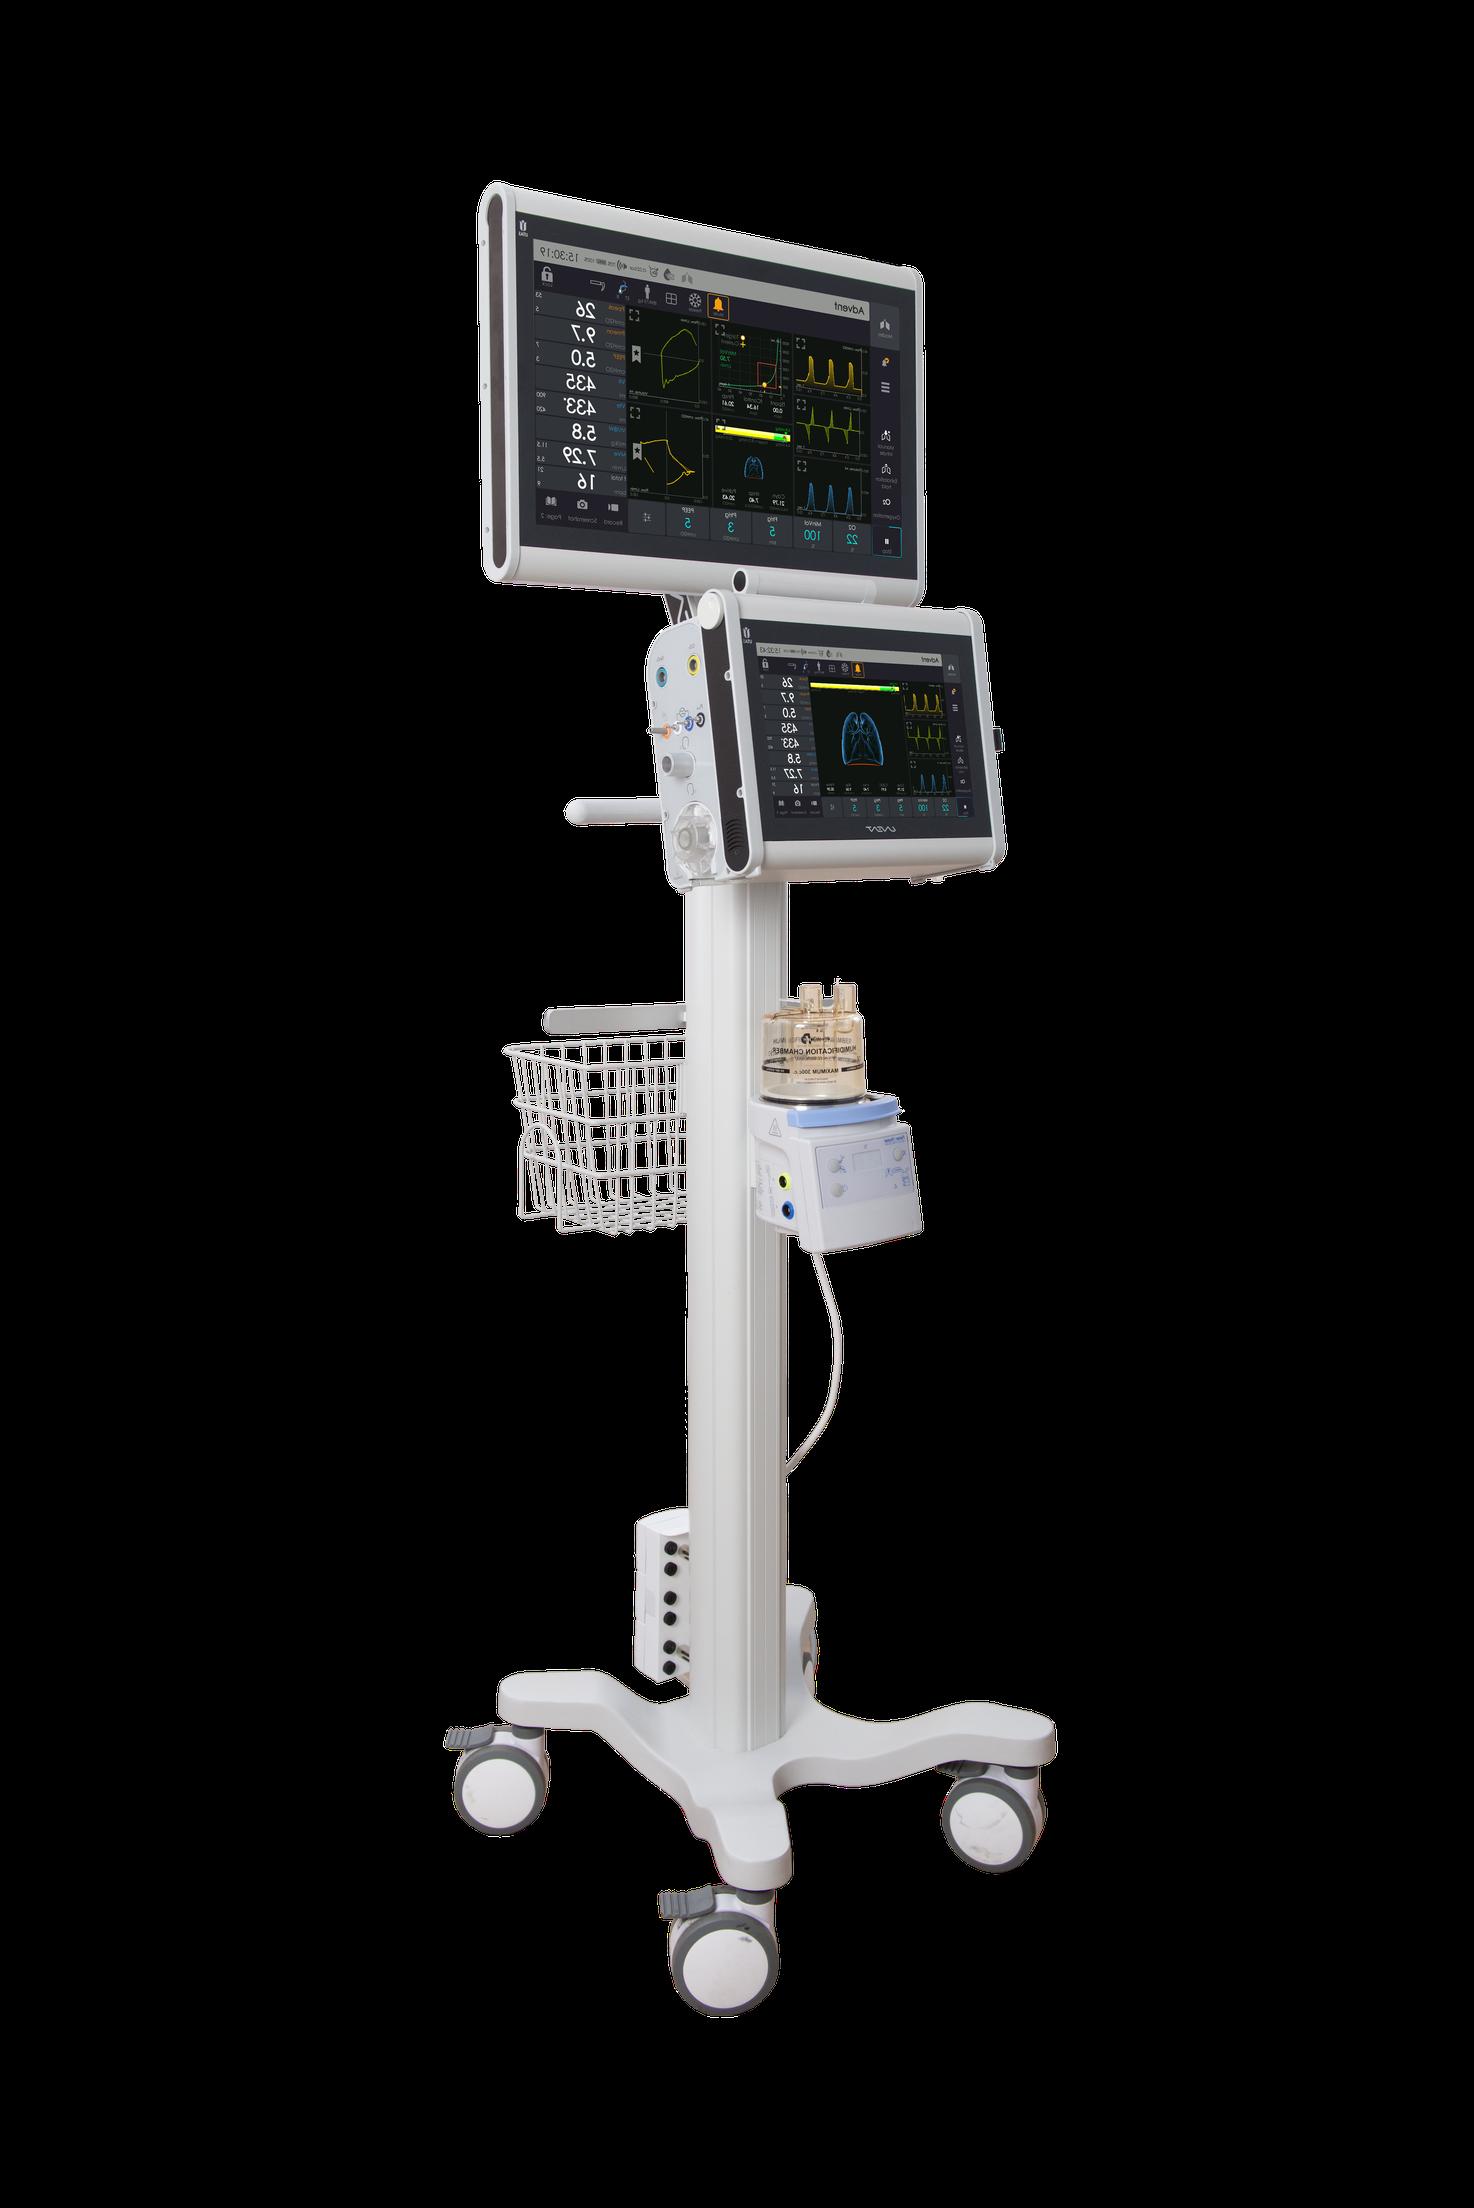 UVENT-T-S ICU Ventilator model